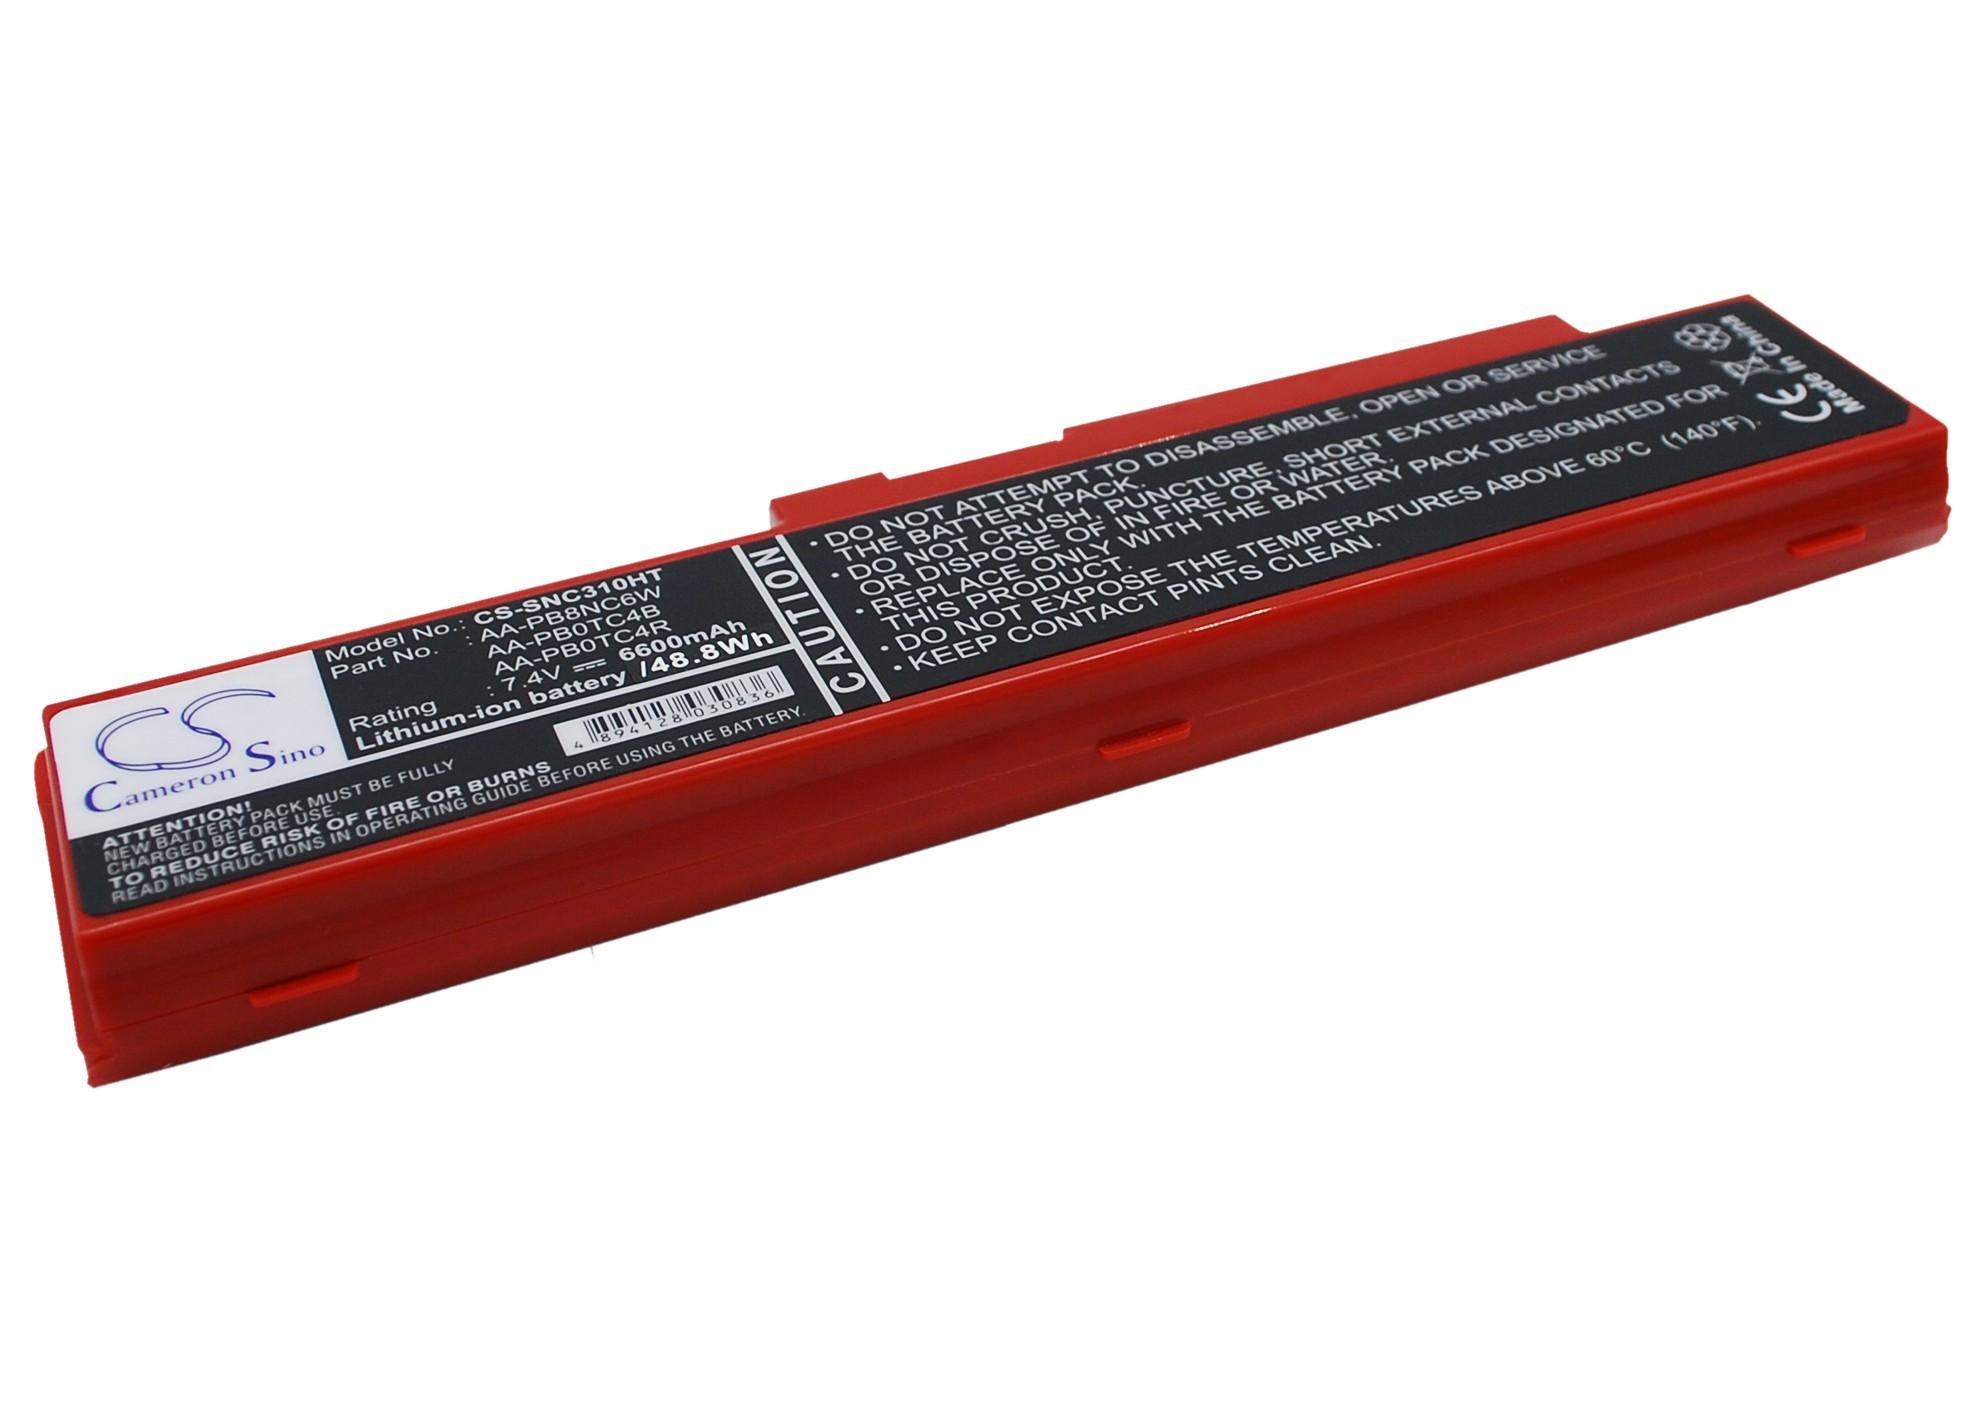 Cameron Sino baterie do netbooků pro SAMSUNG NP-X120-FA03UK 7.4V Li-ion 6600mAh červená - neoriginální